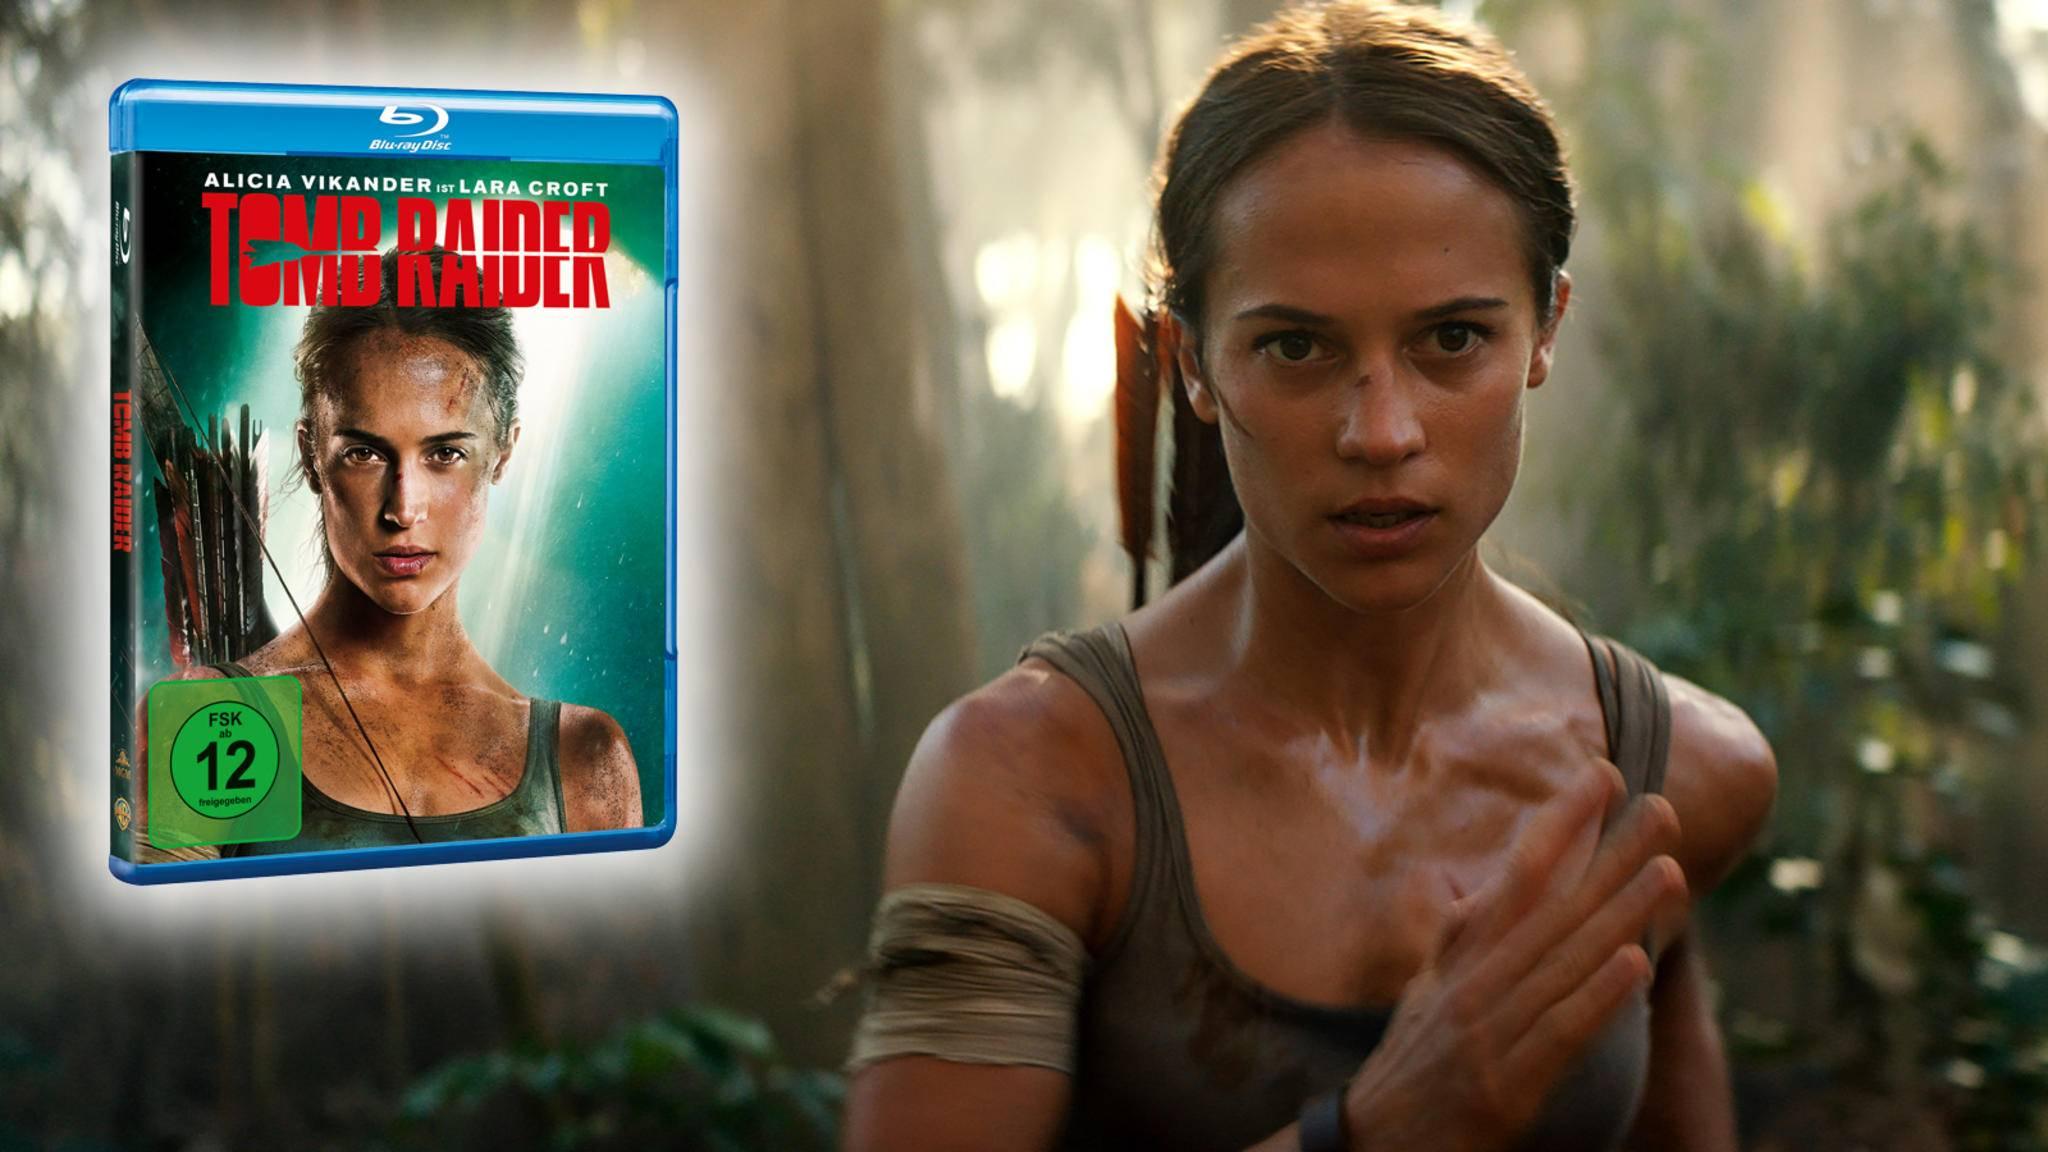 """Anfang 2018 eroberte Alicia Vikander im neuen """"Tomb Raider""""-Film als Lara Croft die Leinwand, jetzt entert sie die Heimkino-Regale."""